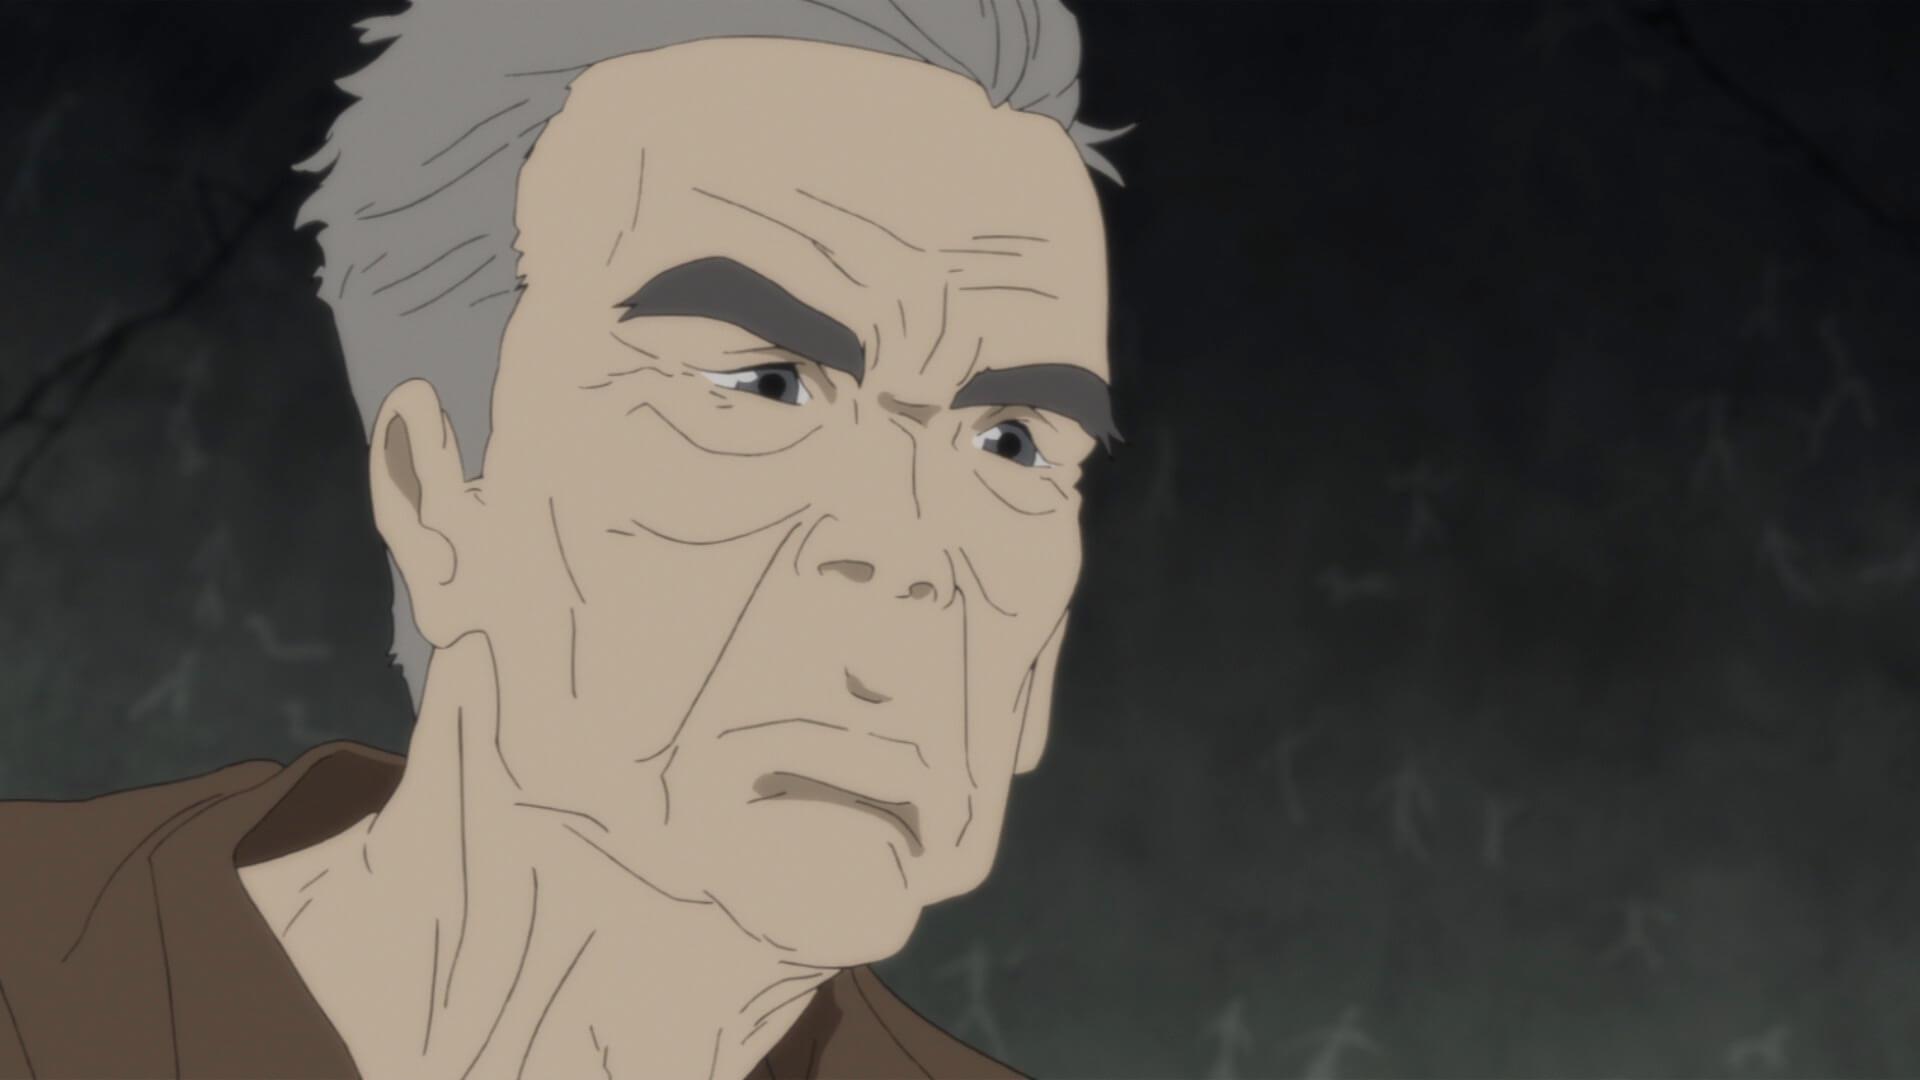 日本が沈没したのちの運命とは?Netflix『日本沈没2020』の本予告&豪華声優陣が解禁 film200529_nihonchimbotsu_8